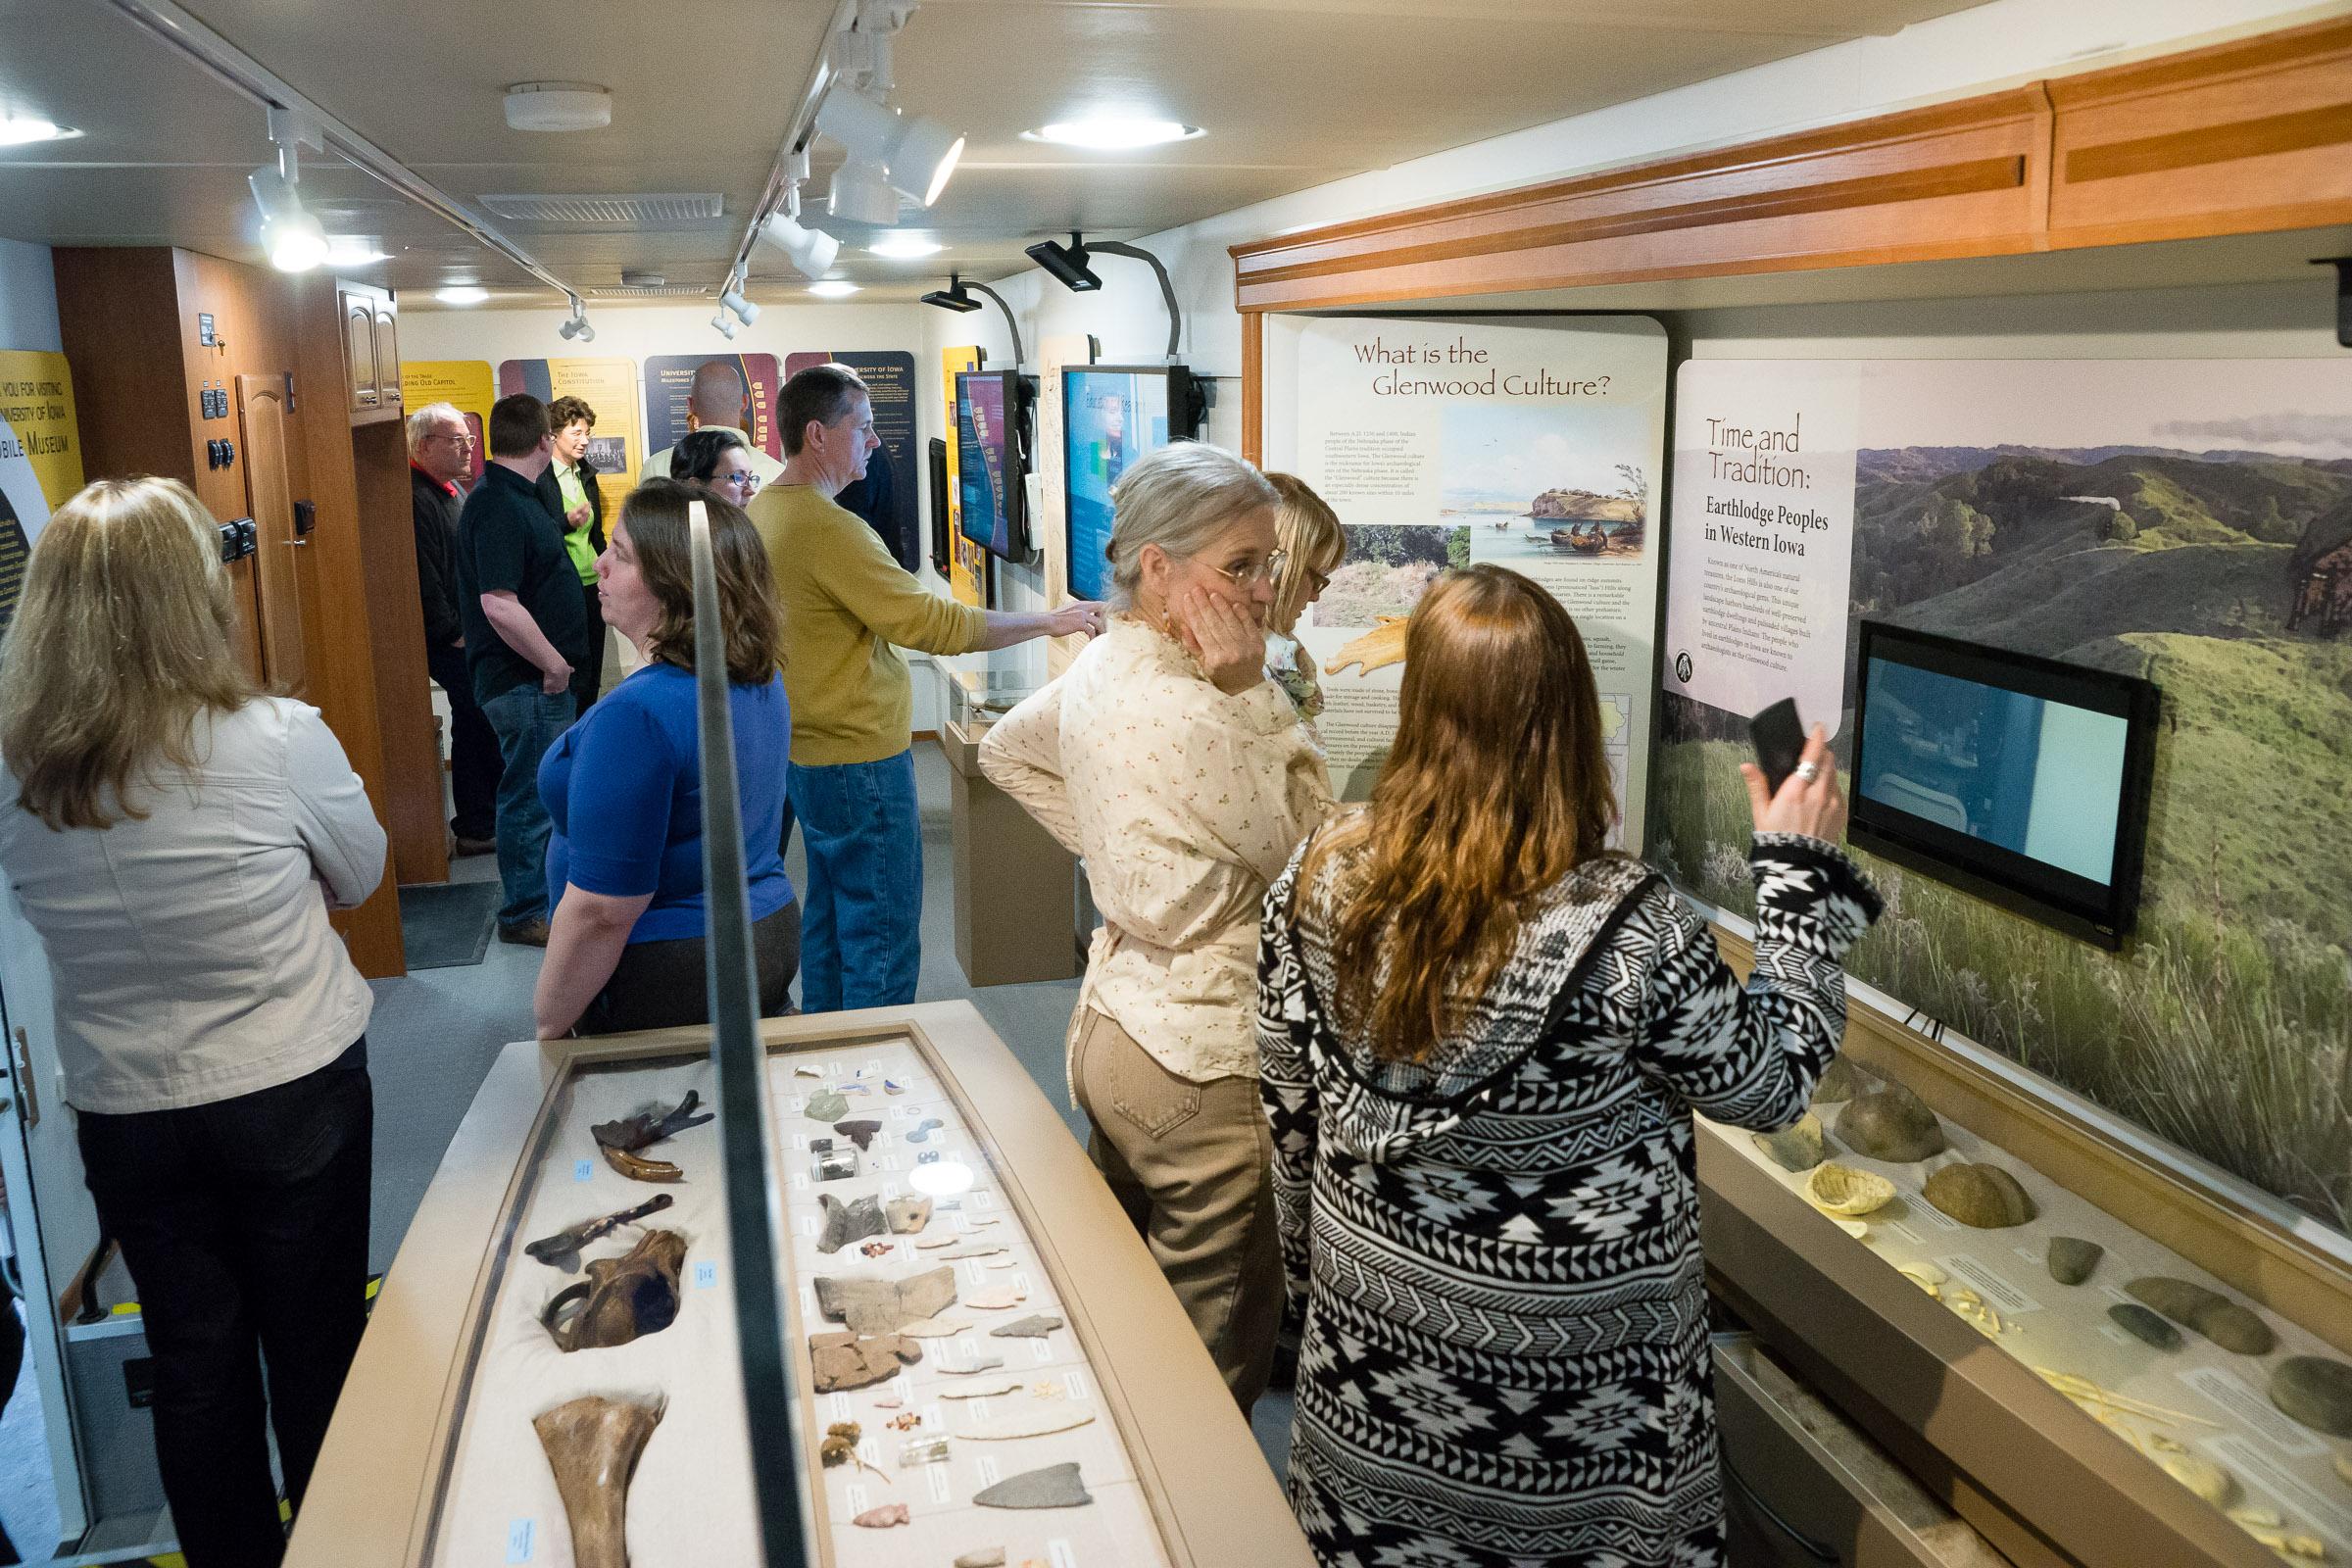 interior of mobile museum